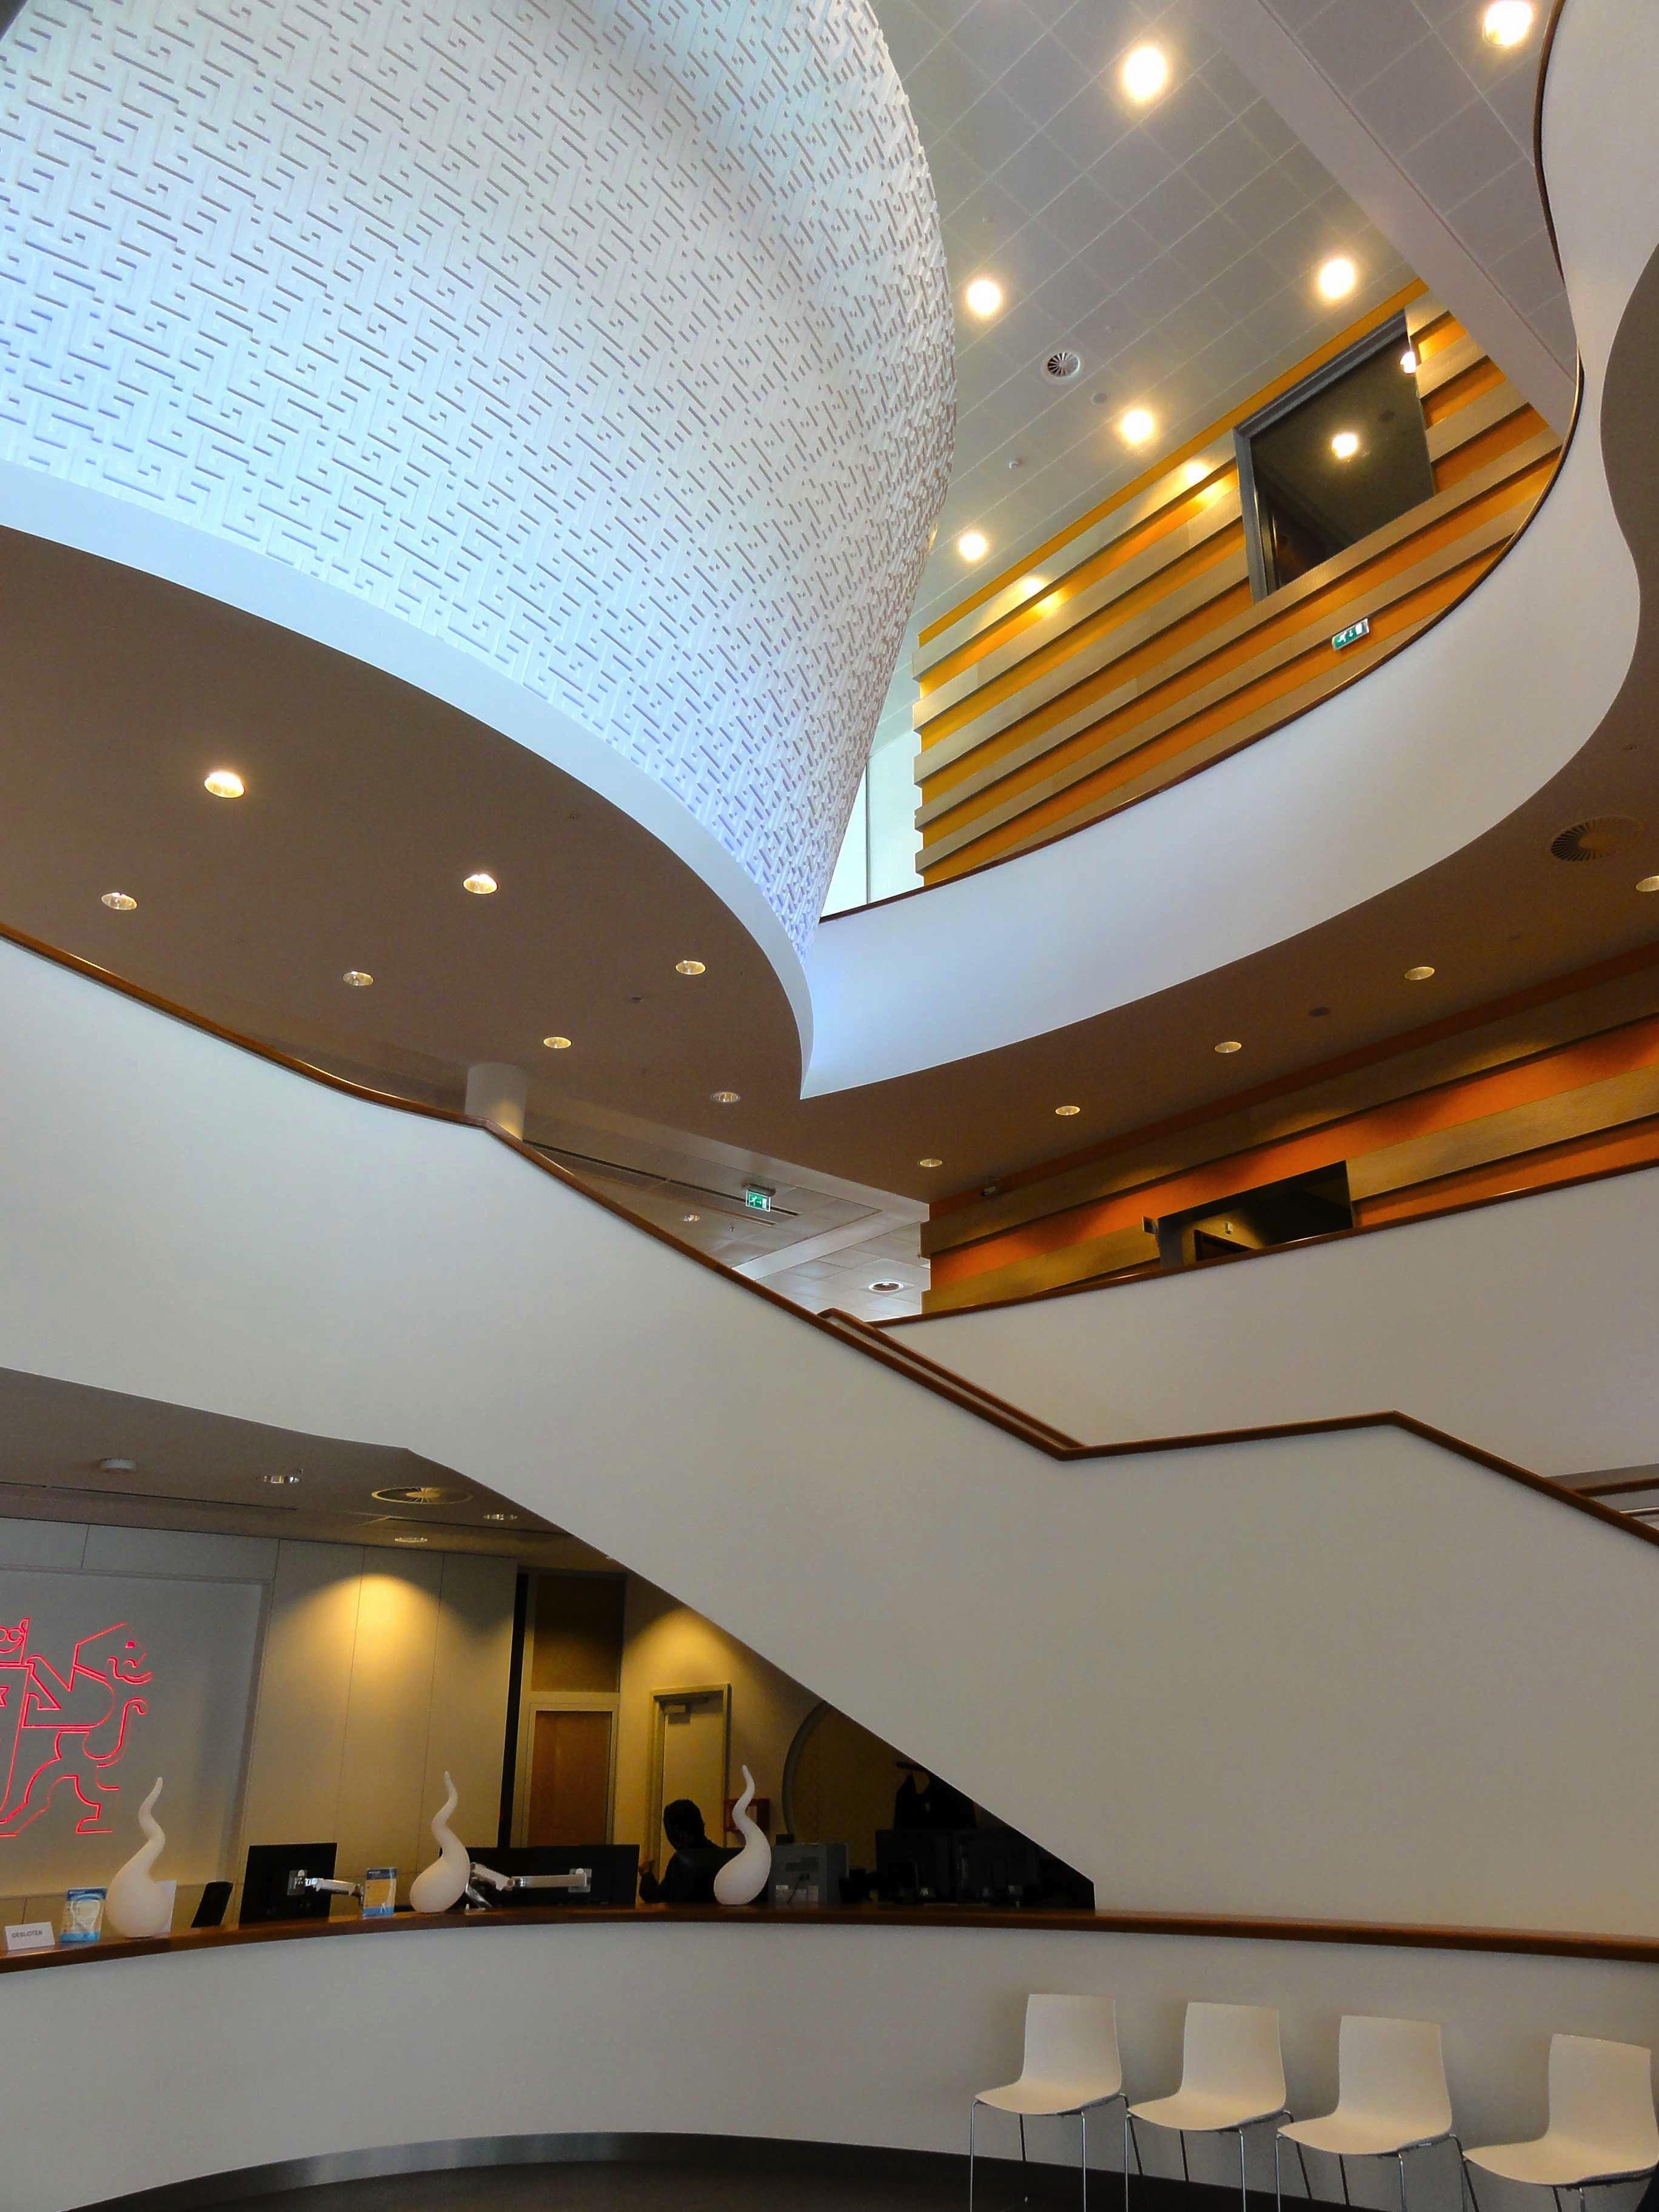 architectuur gehoorzaal interieur gebouw trappenhuis plafond verlichting interieur ontwerp binnen lichten nederland ontwerp hotel lobby hoofdkwartier